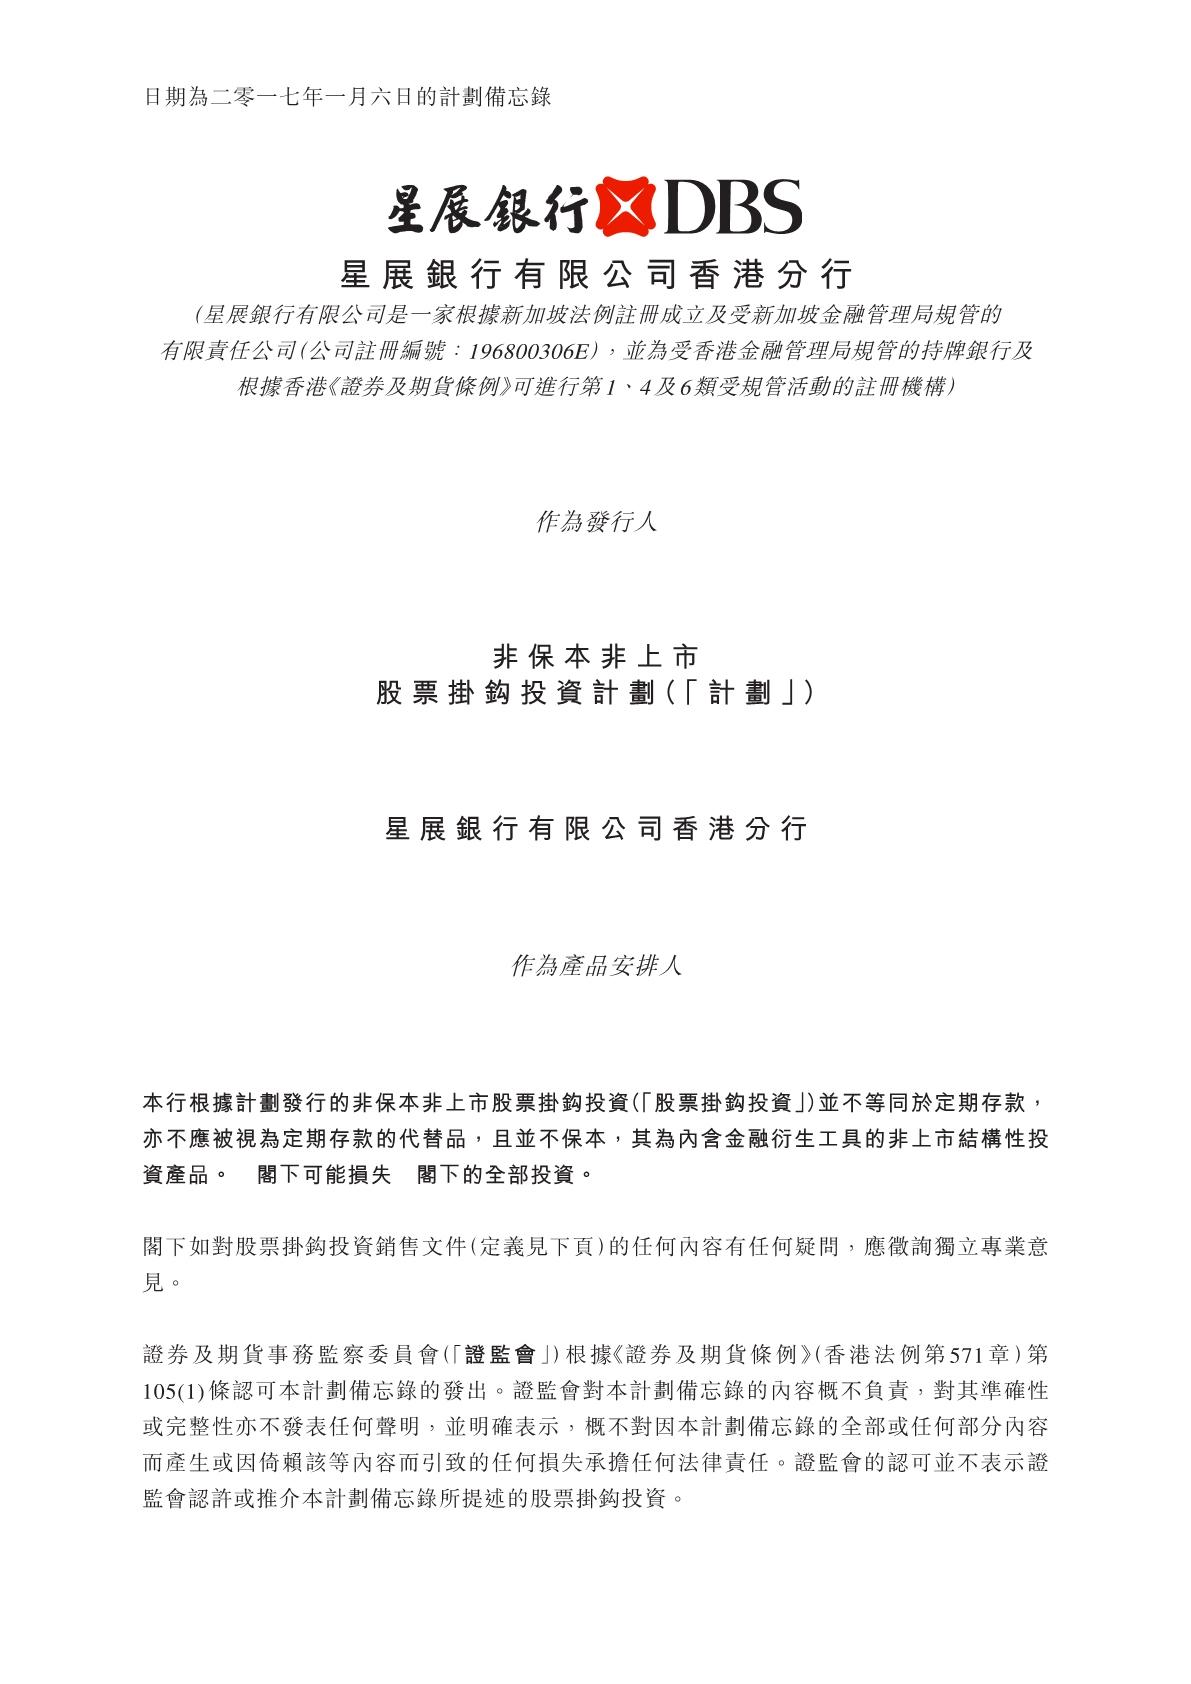 星展银行有限公司香港分行 – 计划备忘录